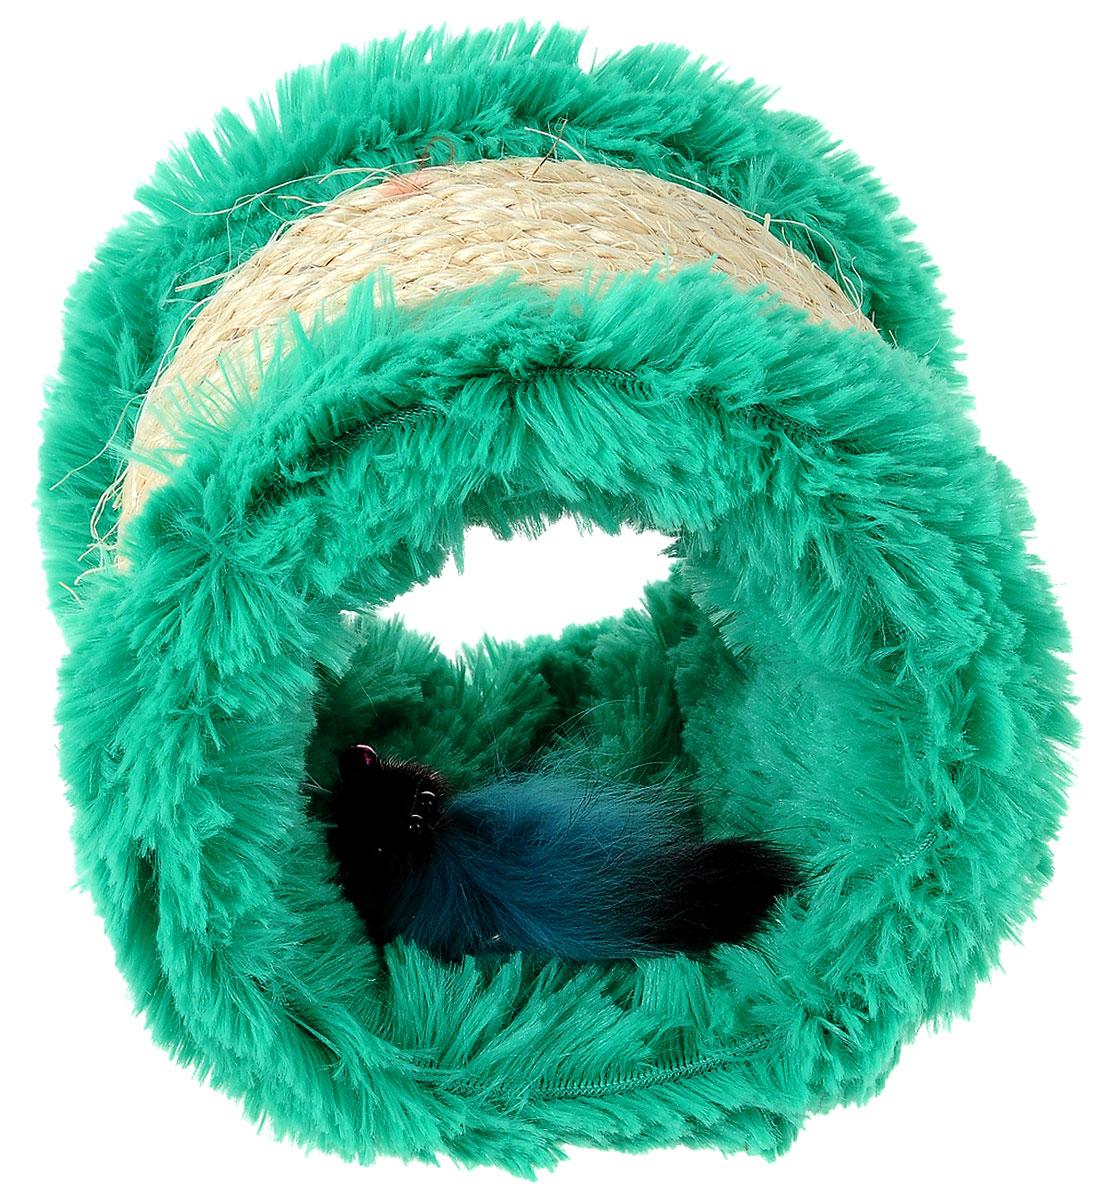 Когтеточка Zoobaloo, с игрушкой, высота 12 см336Оригинальная когтеточка разработана компанией Zoobaloo в виде цилиндра из сизаля и текстиля. Внутри когтеточки расположена мышка на резинке. Такой когтеточкой можно не только поточить коготки, но и весело поиграть, гоняя по полу лапкой или покусывая зубами. Если вы хотите сделать вашей кошке по-настоящему шикарный подарок - приобретите этот аксессуар, совместив приятное с полезным. Когтеточки - обязательный аксессуар для личной гигиены кошек, который помогает животным избавиться от мешающихся шелушащихся слоев когтя, причиняющих дискомфорт подушечкам лап. Кроме того волокна сизаля - натуральный растительный продукт, который не только является очень крепким и стойким к повреждениям, но так же имеет отталкивающее бактерии покрытие, благодаря чему абсолютно безвреден для кошек.Высота игрушки: 12 см.Диаметр игрушки: 13 см.